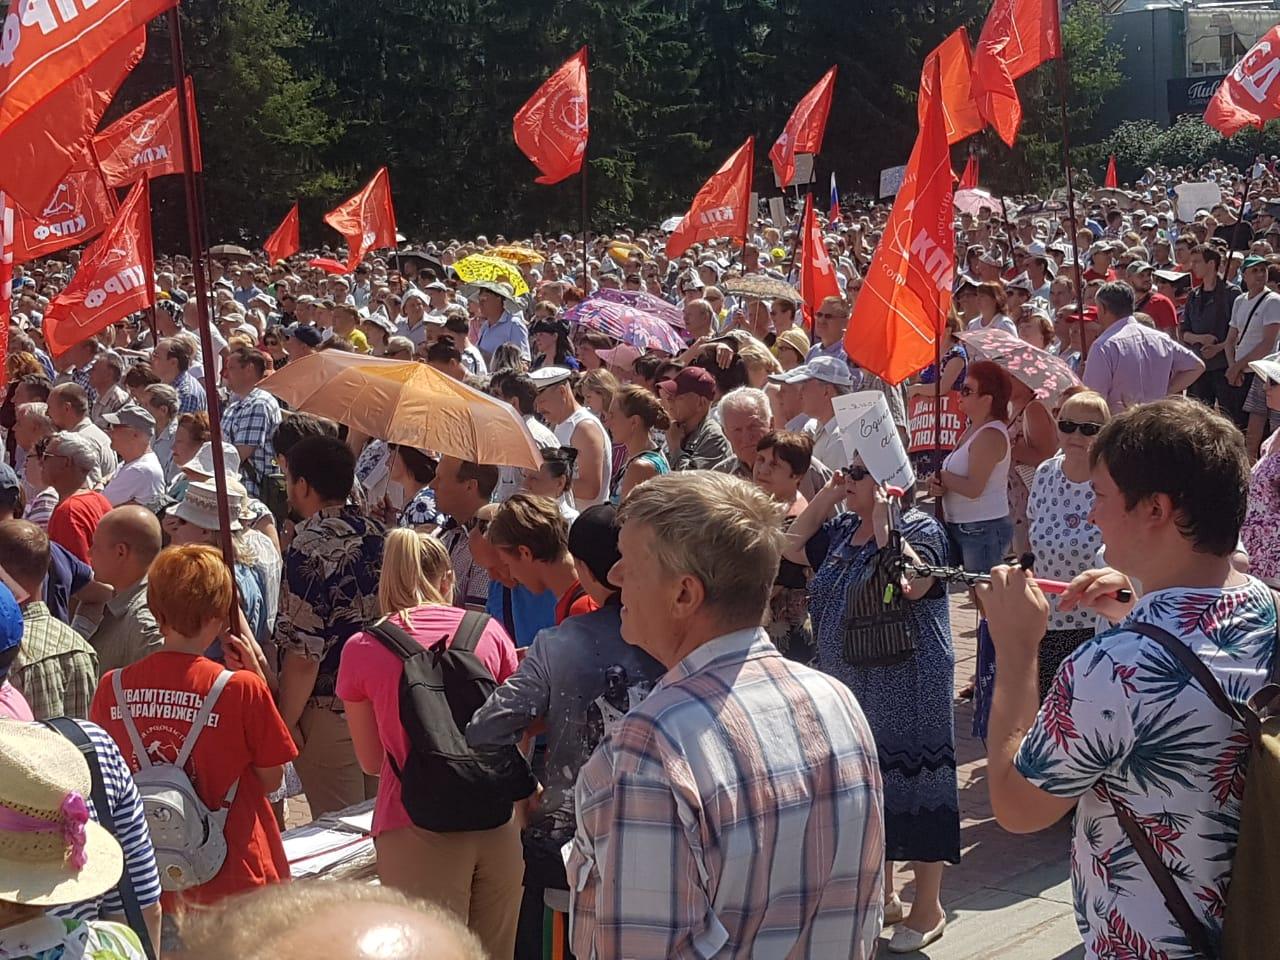 В Екатеринбурге прошёл митинг против пенсионной реформы. Вся площадь Советской Армии заполнена протестующими